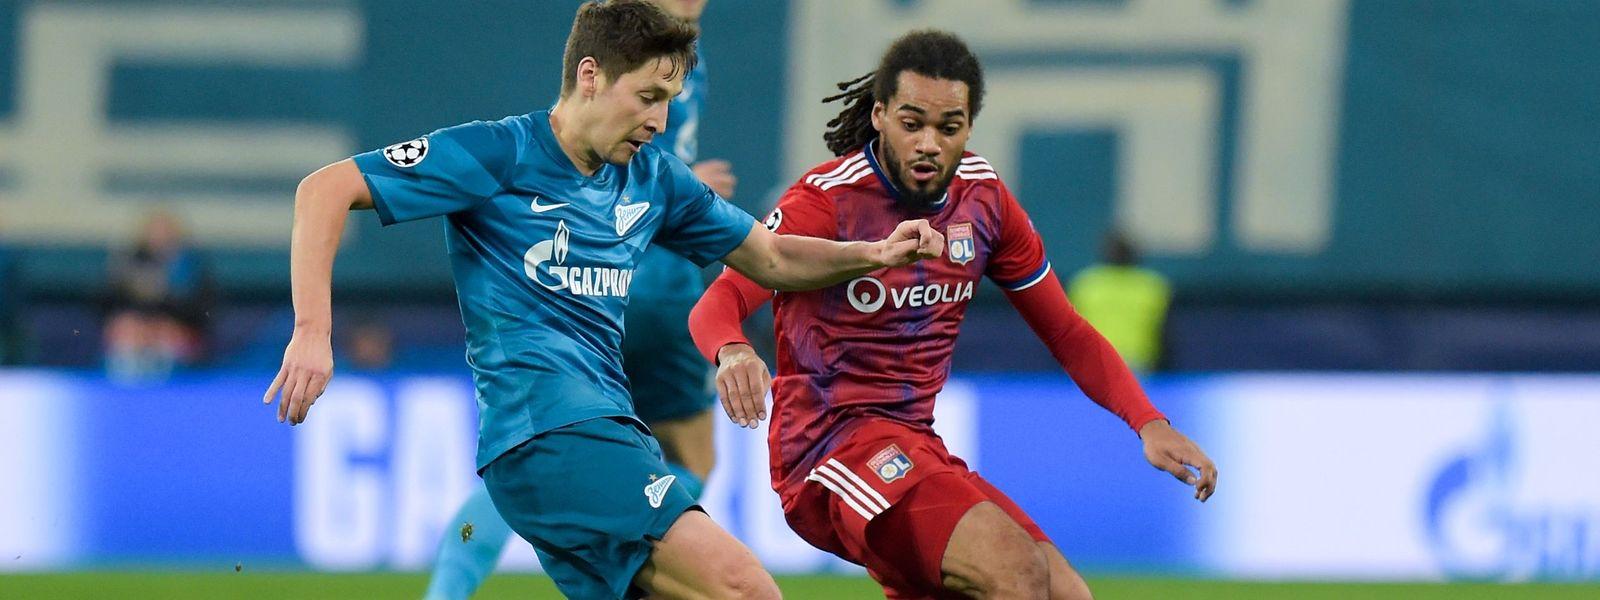 Le Zenit de Daler Kuzyaev (à g., en bleu) a pris le meilleur sur l'Olympique Lyonnais et son défenseur belge, Jason Denayer